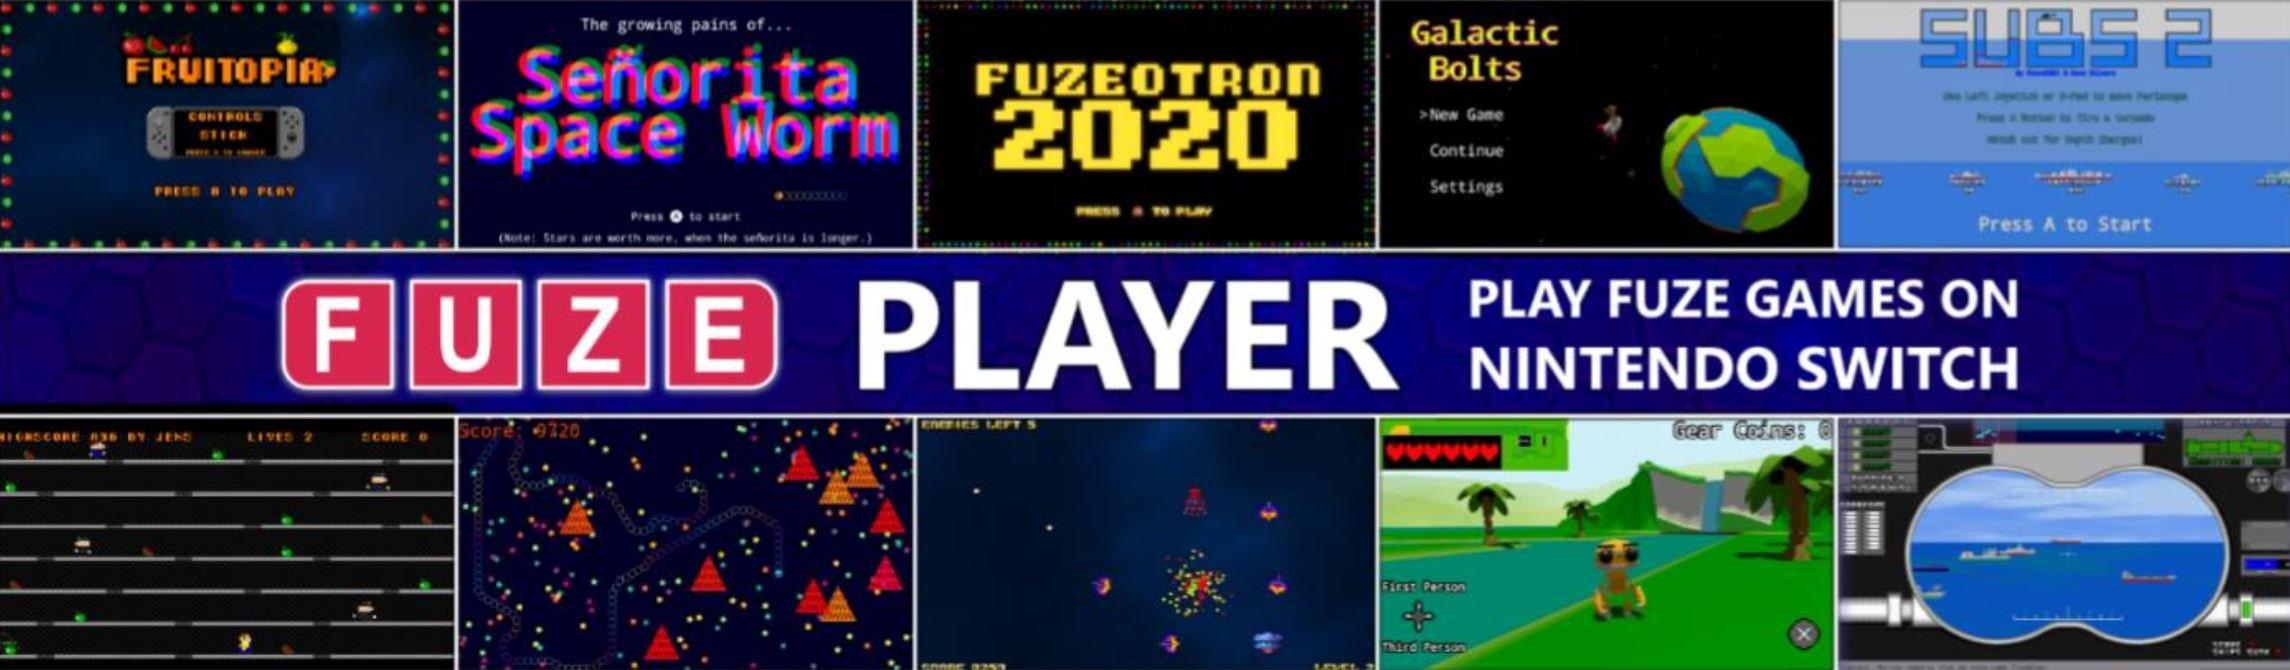 fuze player.JPG